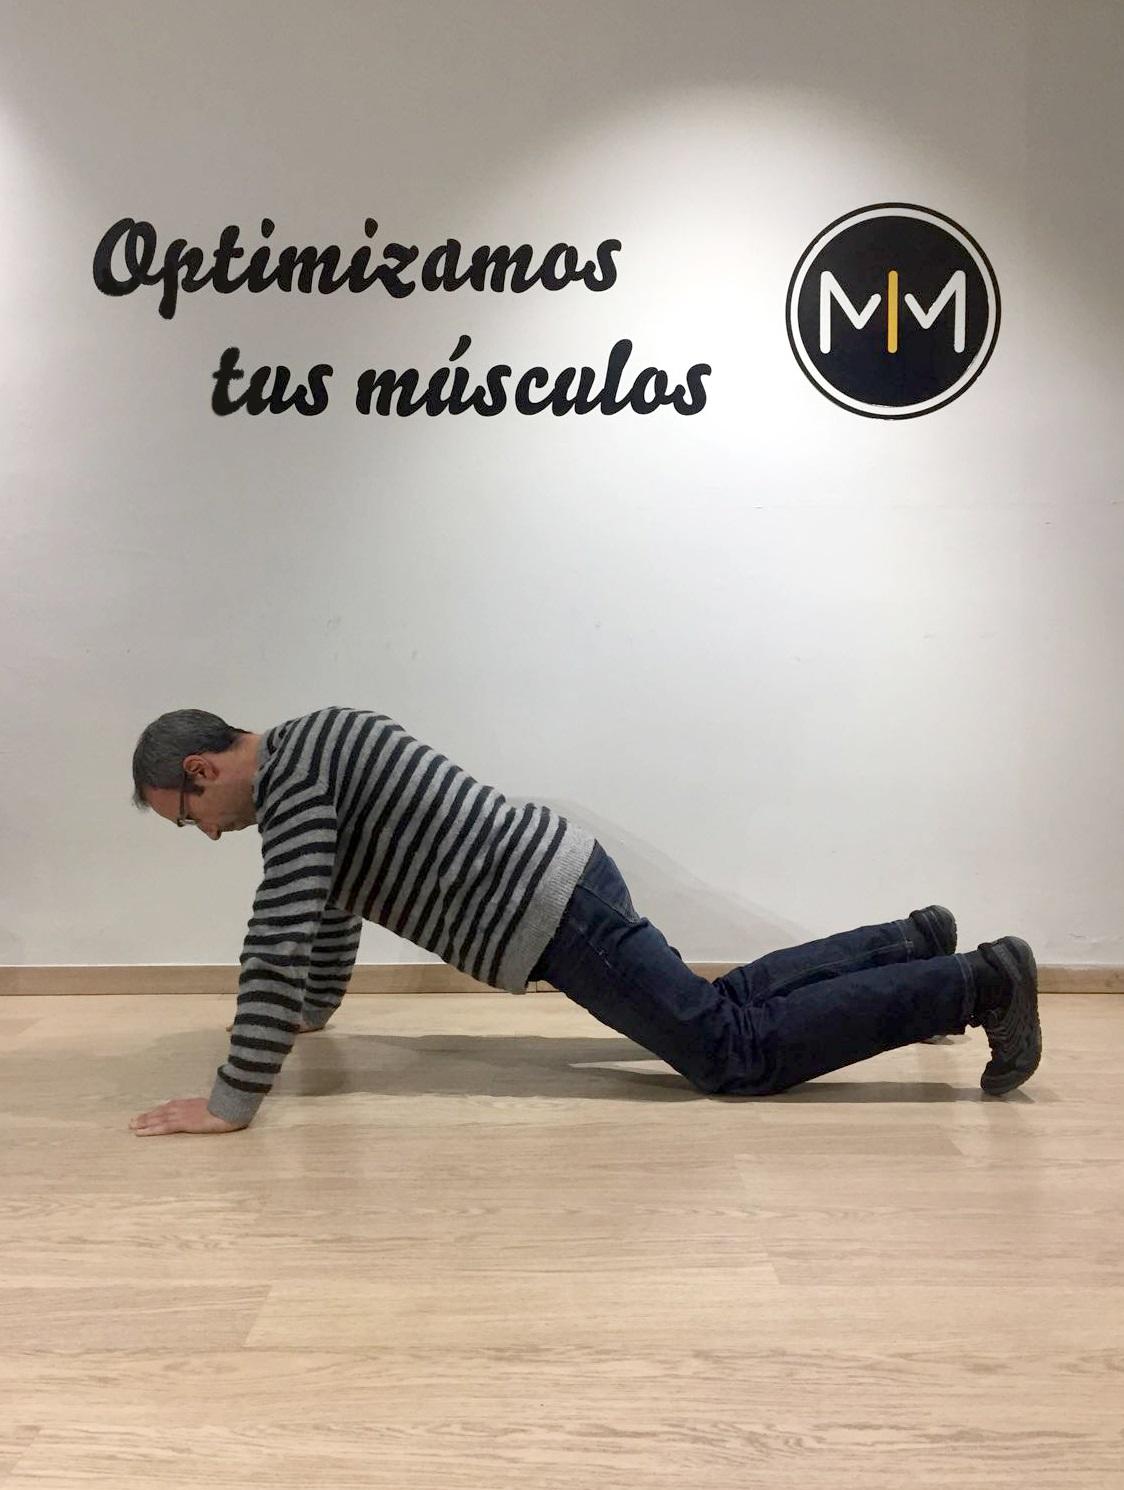 flexiones brazos optimmus